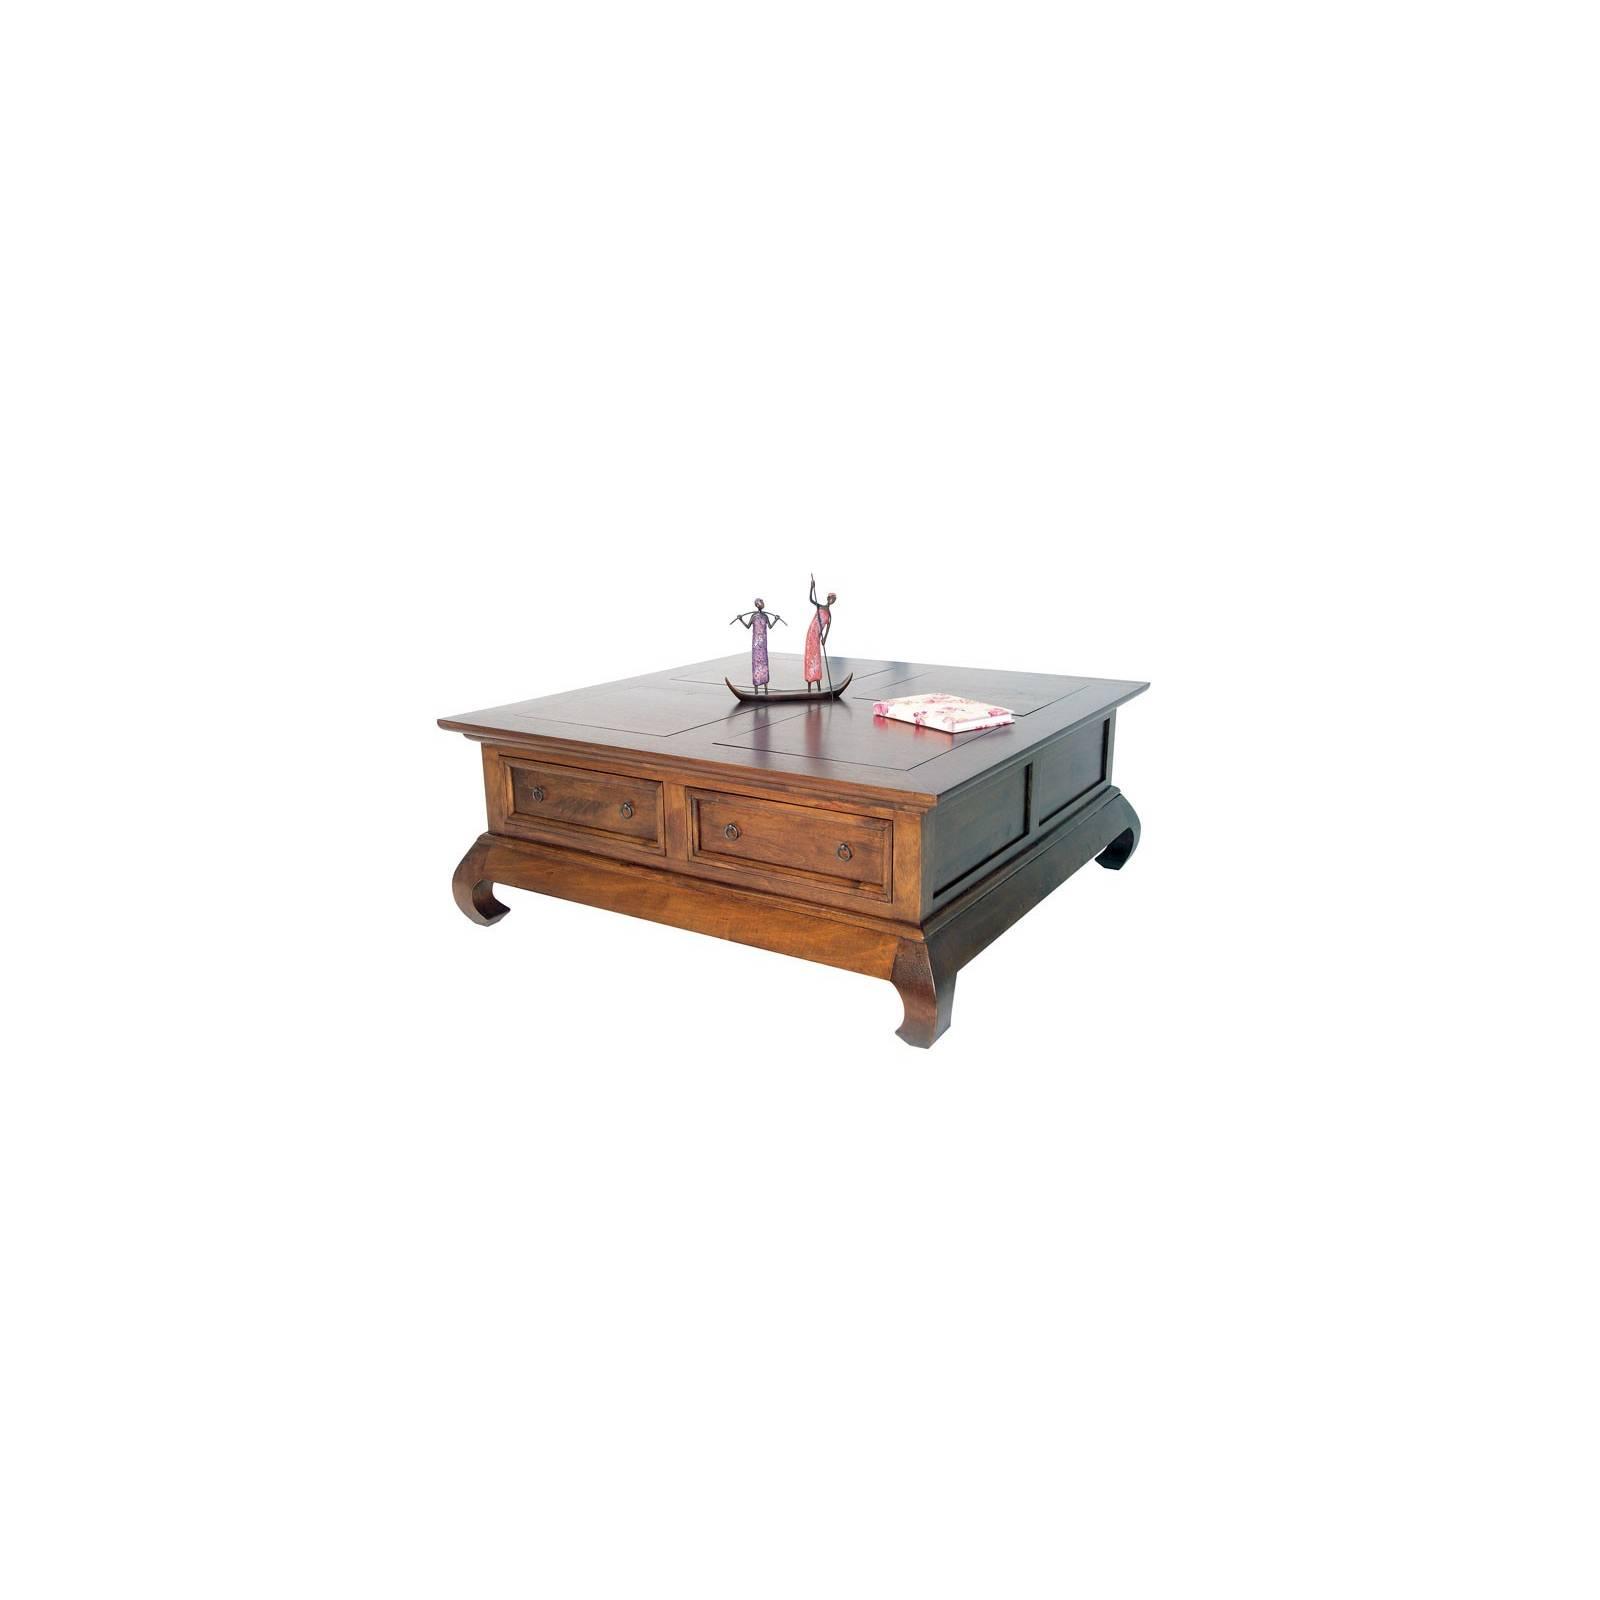 Table Basse Opium Carrée Tiroirs Chine Hévéa - meuble bois exotique